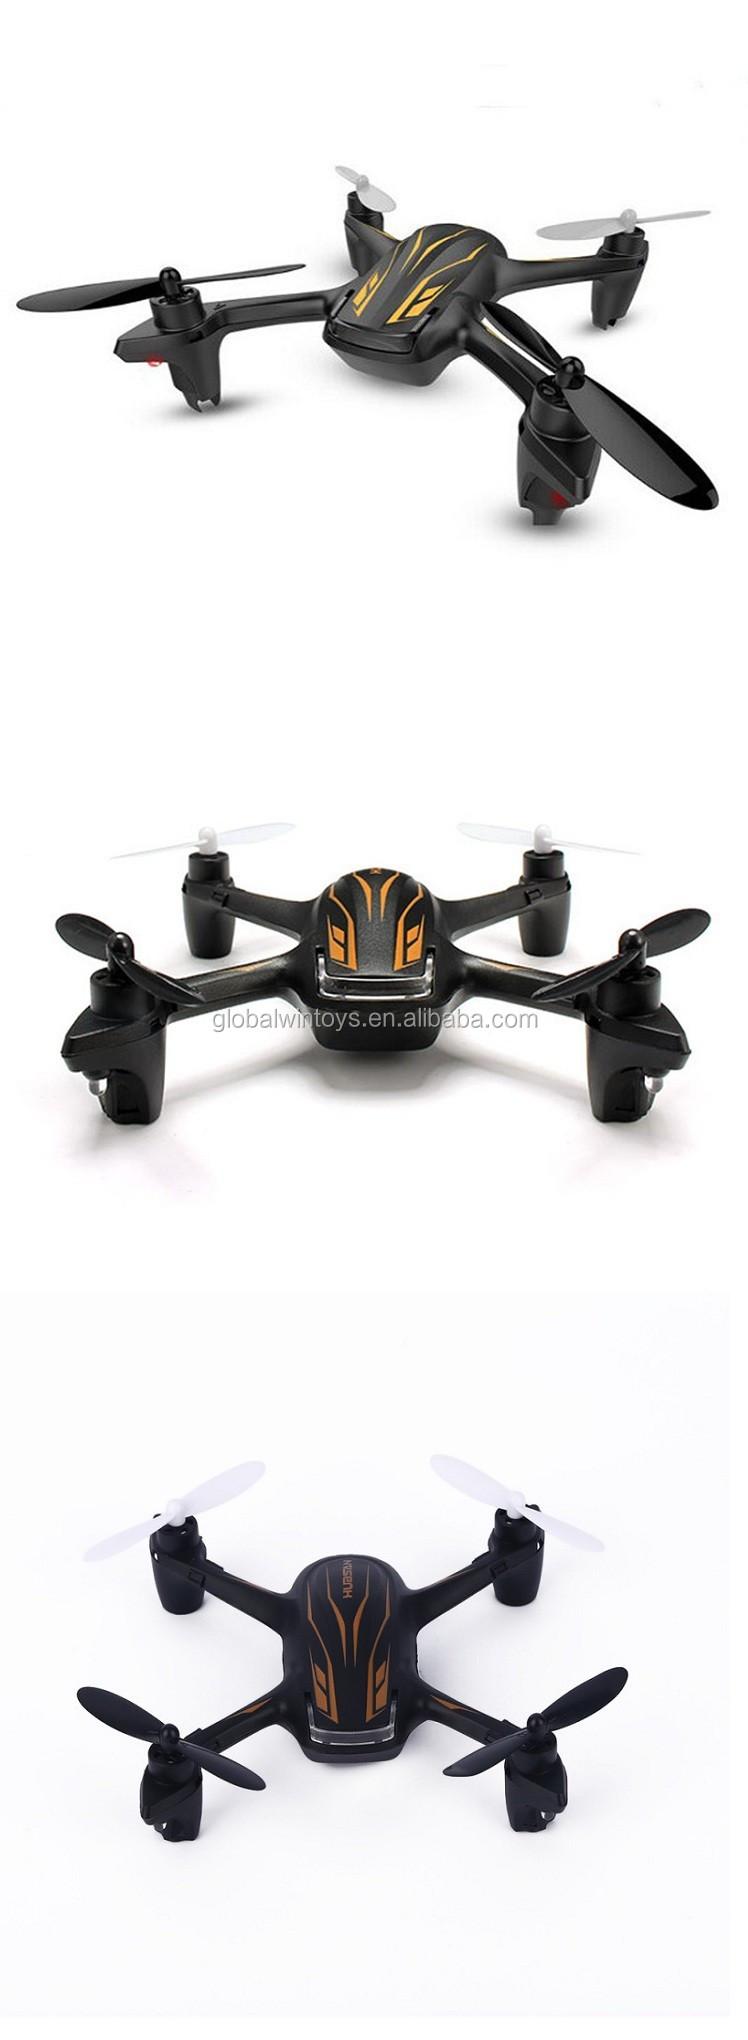 Hubsan H107p Top-level Quality Mini Drone X4 Plus Drones